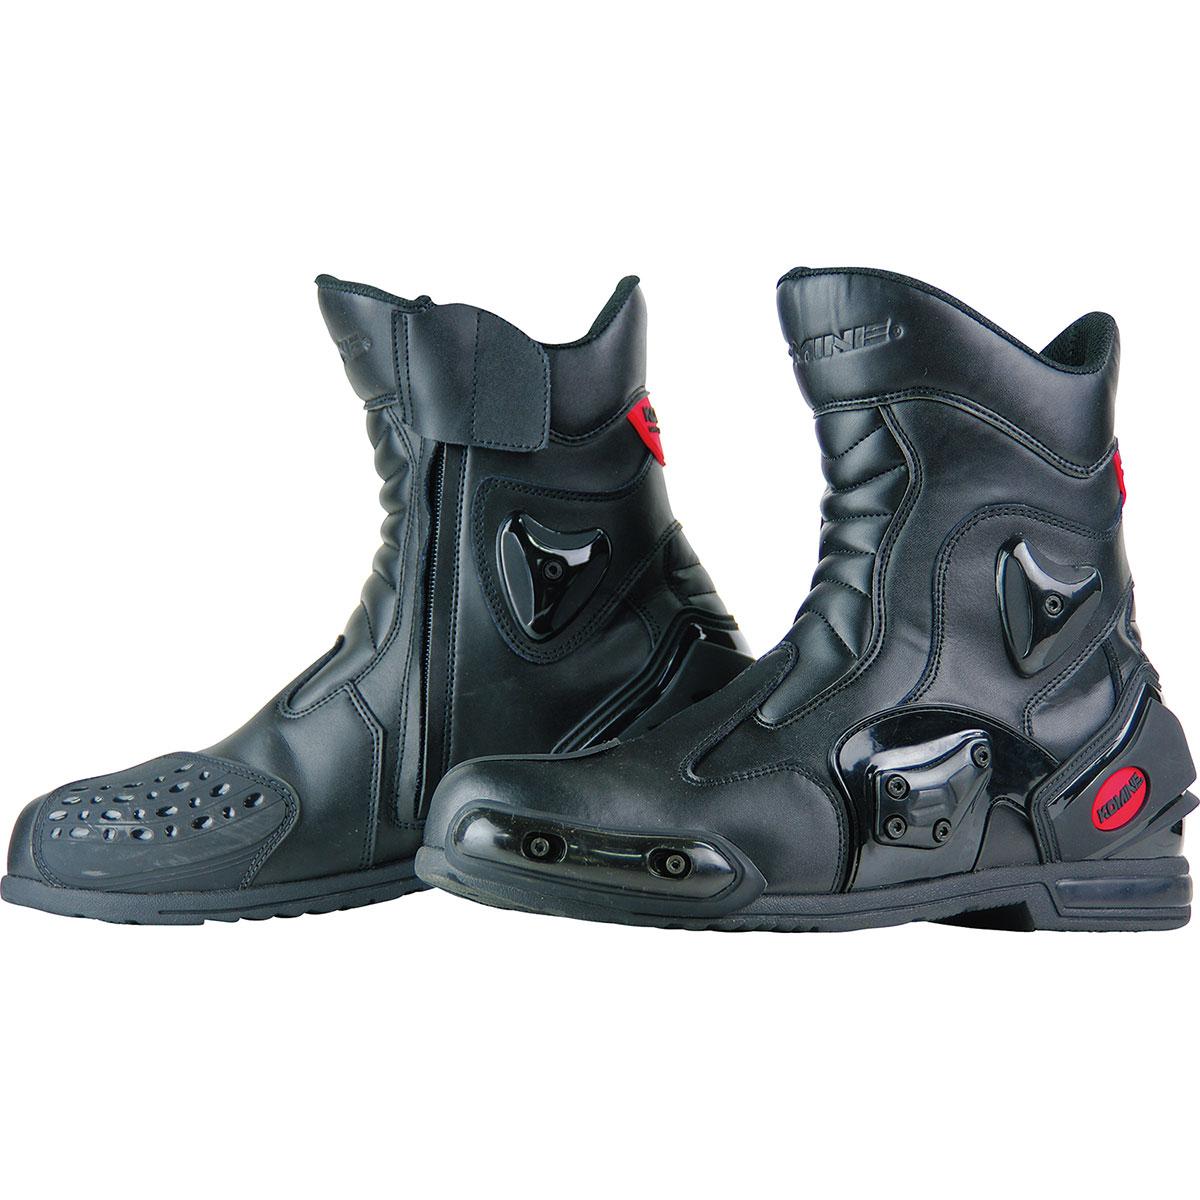 スーパーセール限定 クーポン発行 コミネ Komine バイク用 フットウェア シューズ ブーツ 年末年始大決算 footwear ブラック BK-067 大注目 Shoes Boots 26.5 05-067 26.5cm プロテクトスポーツショートライディングブーツ 黒